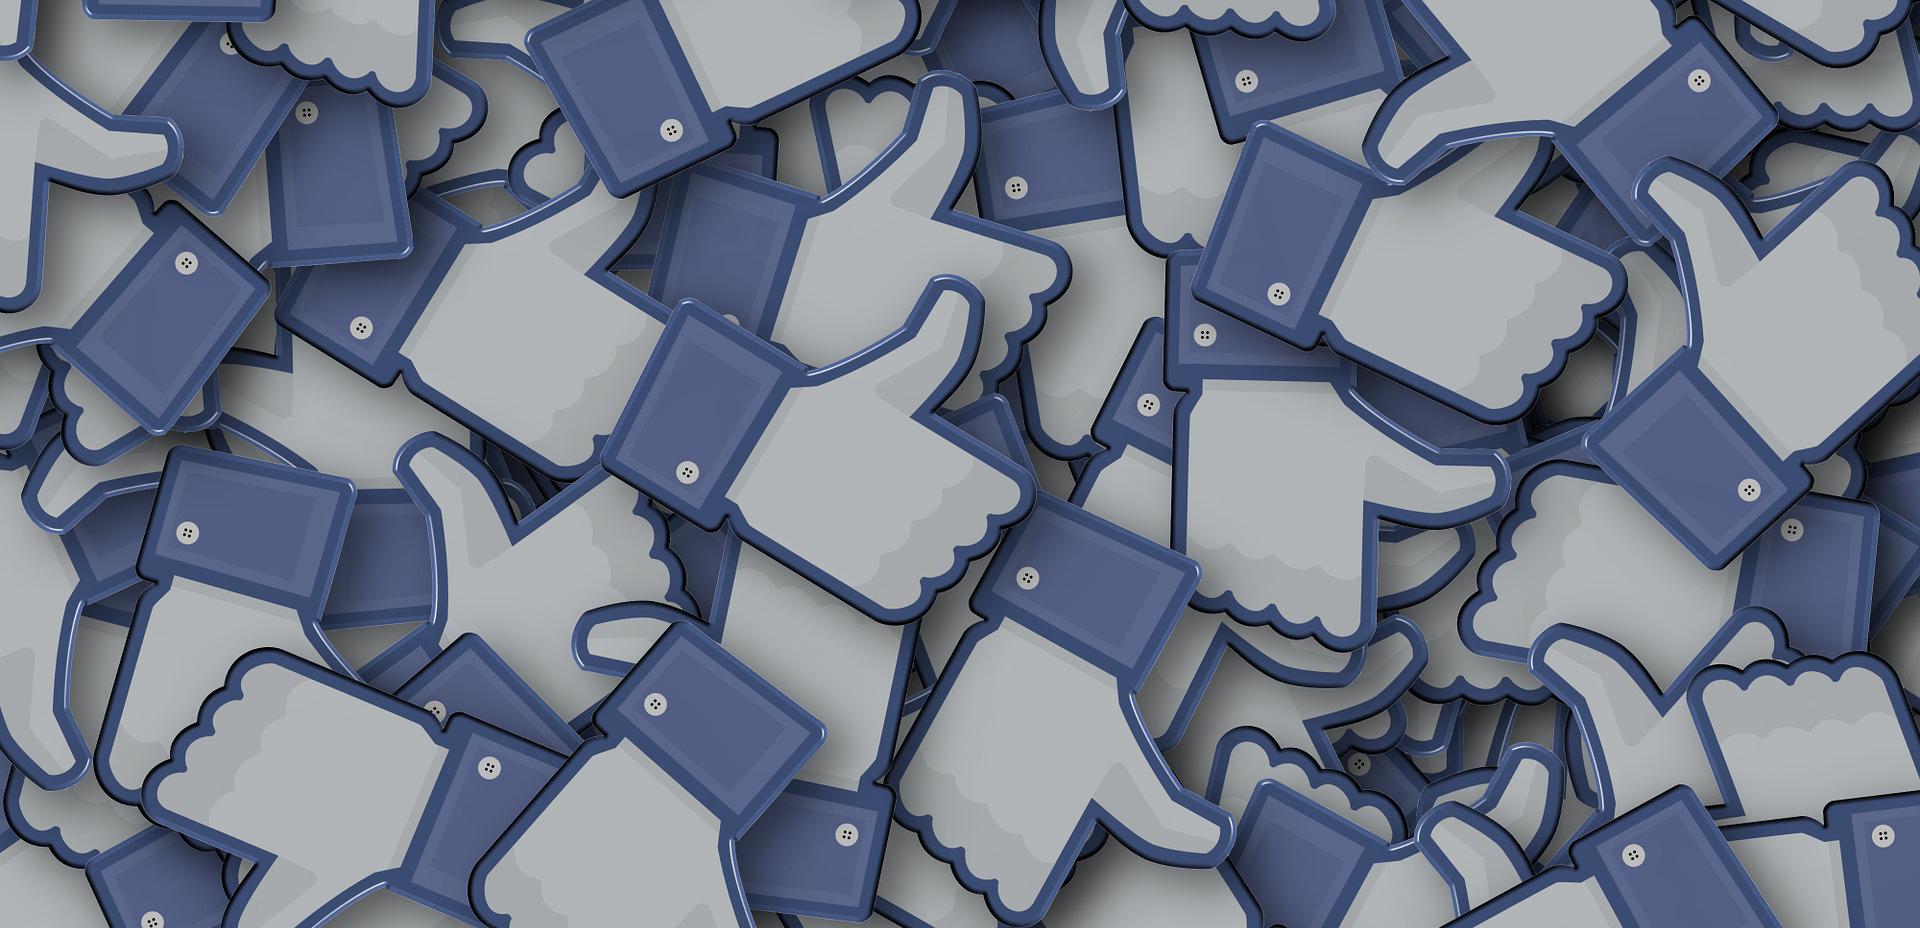 social-media-teksten-schrijven-meer-likes-omzet